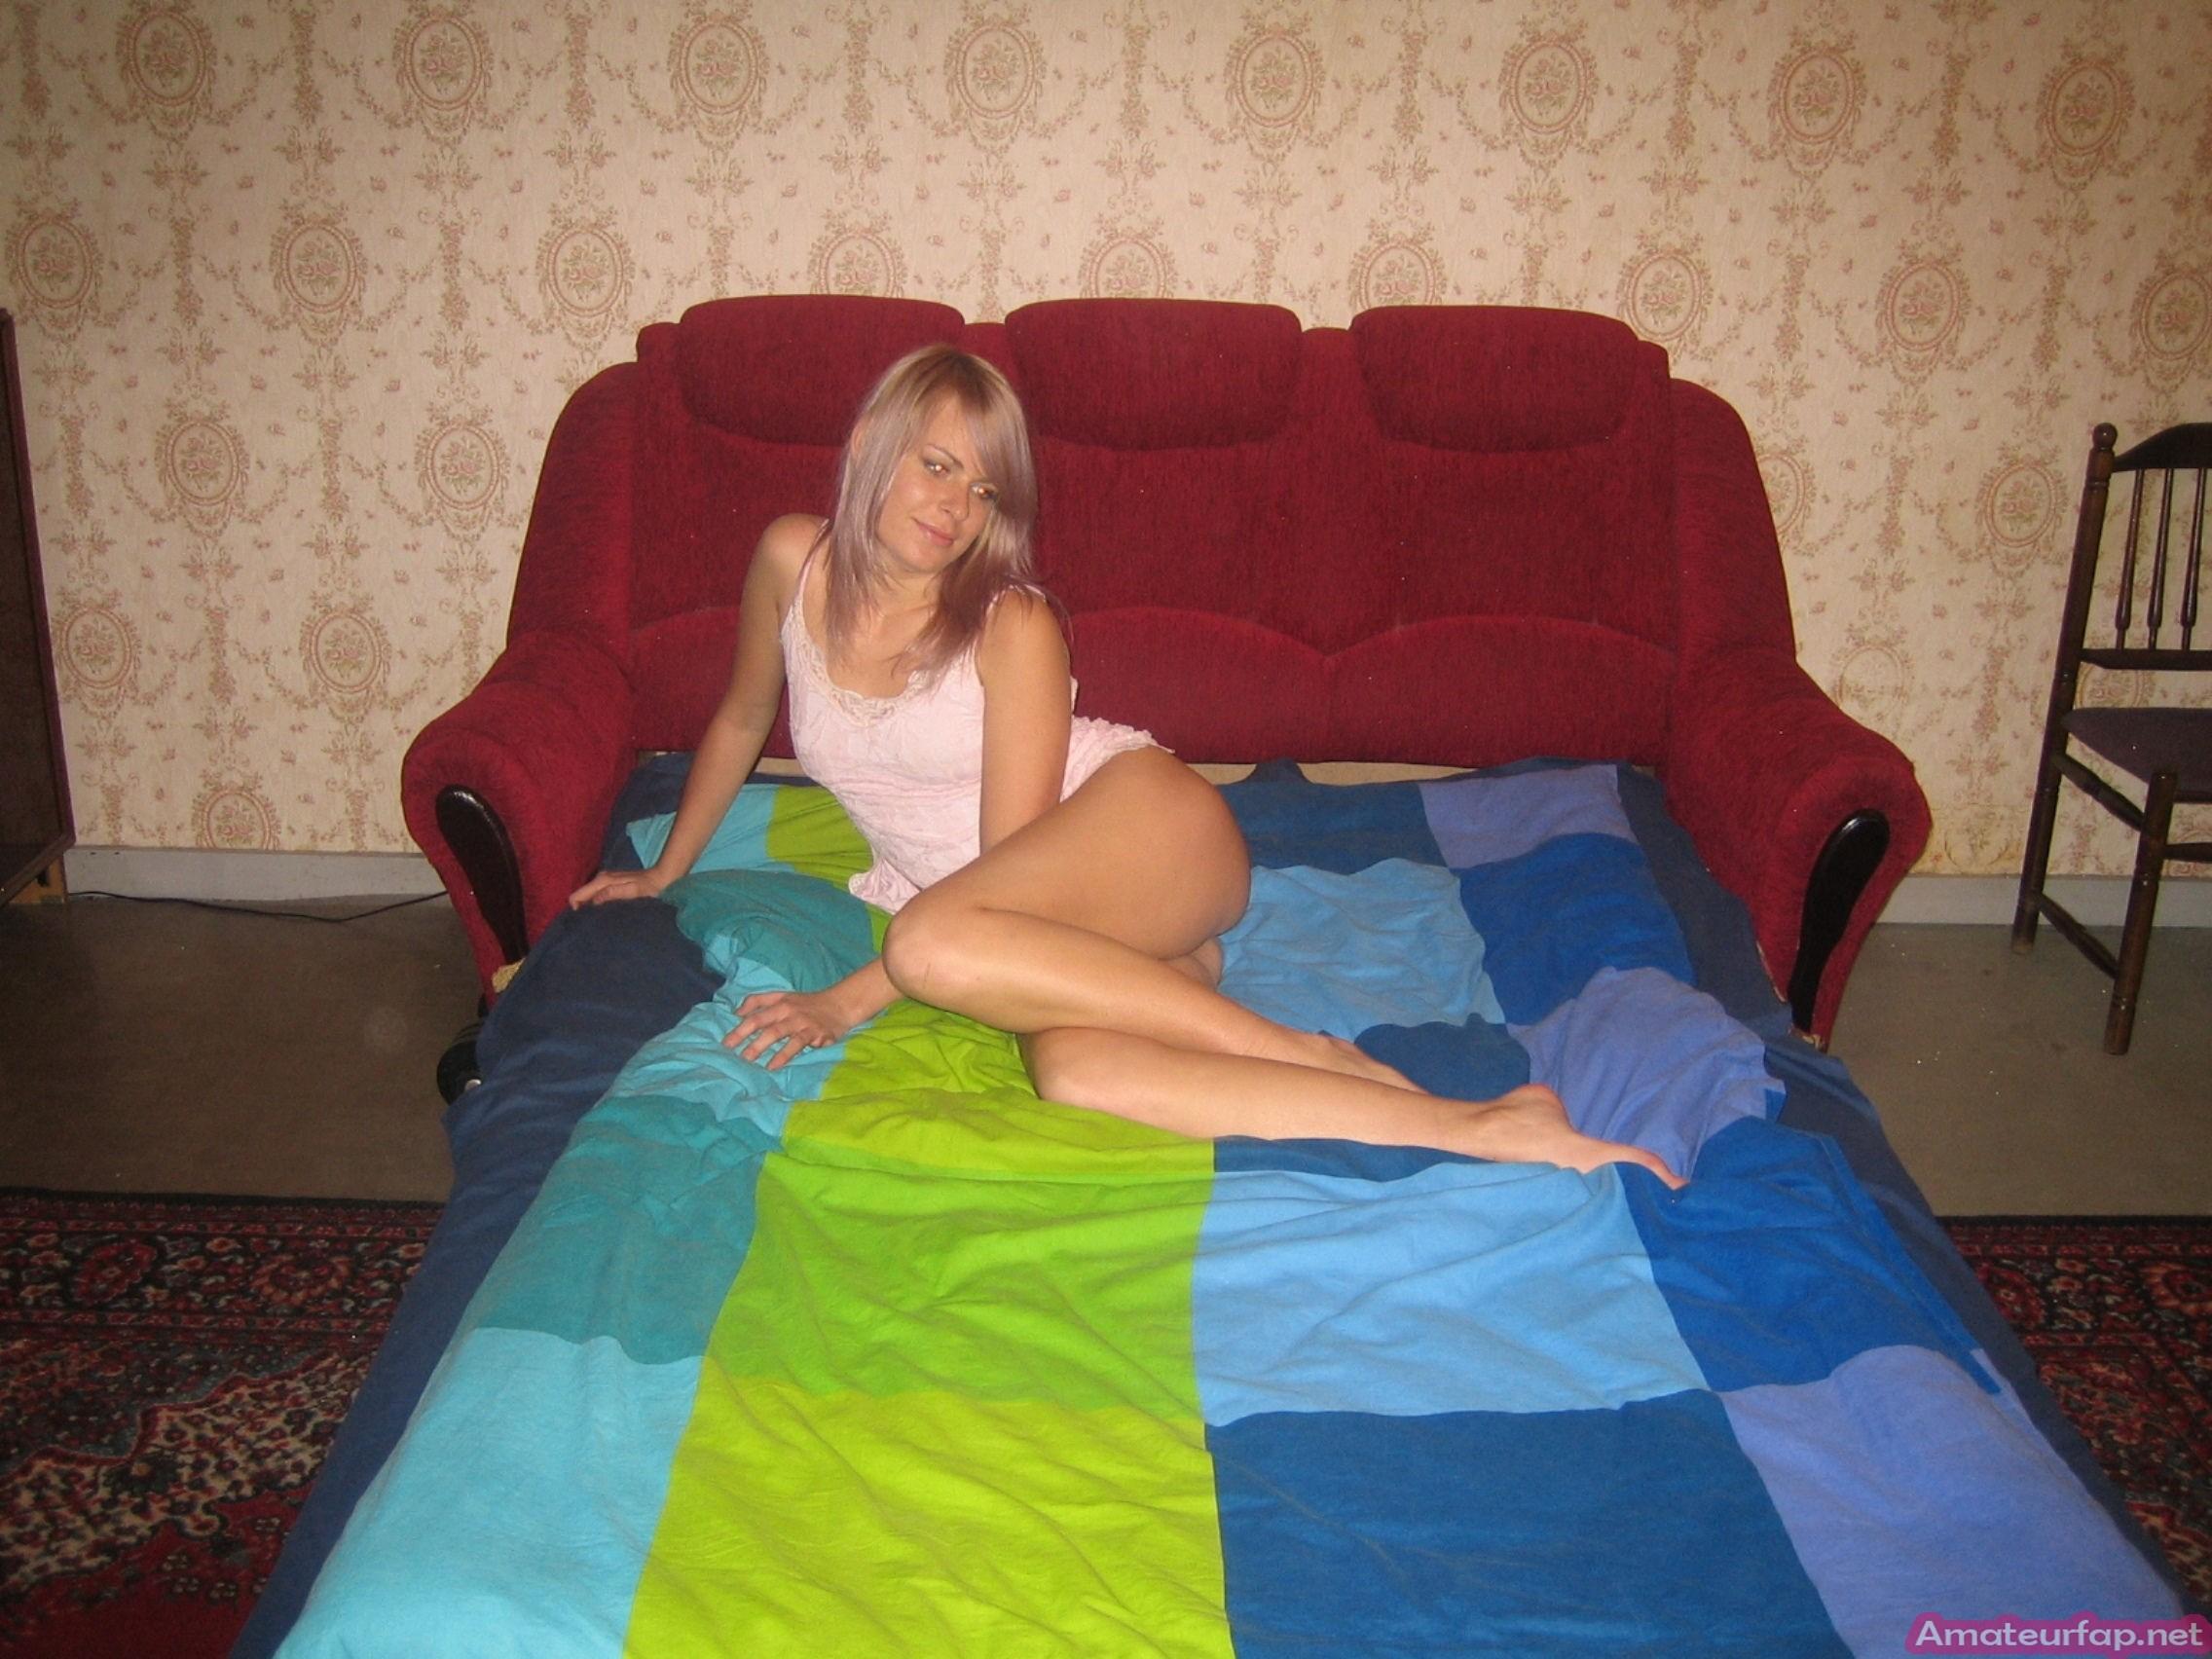 Подруга сексуально позирует в кровати